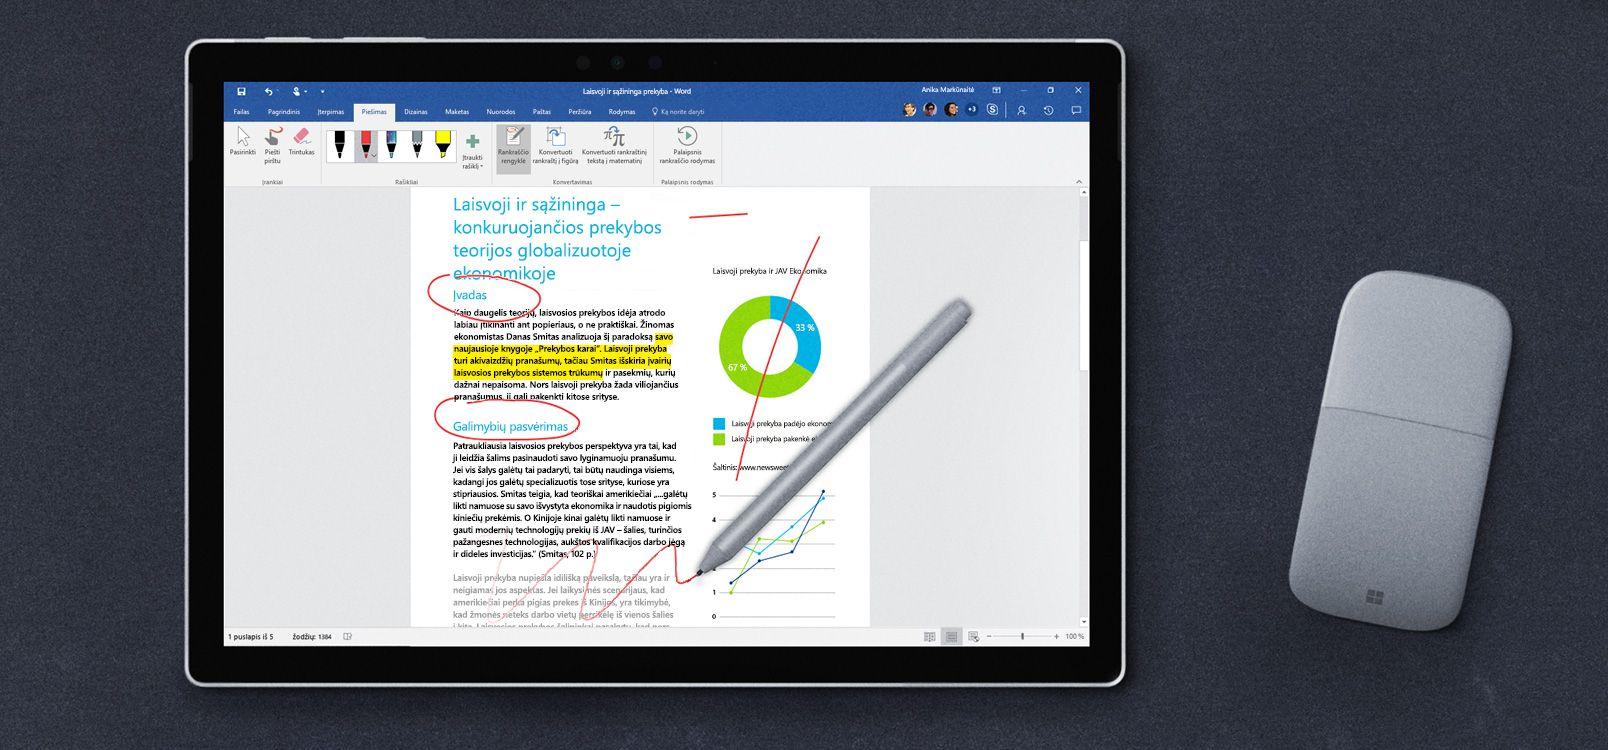 Planšetinio kompiuterio ekranas, kuriame rodoma rankraščio rengyklė